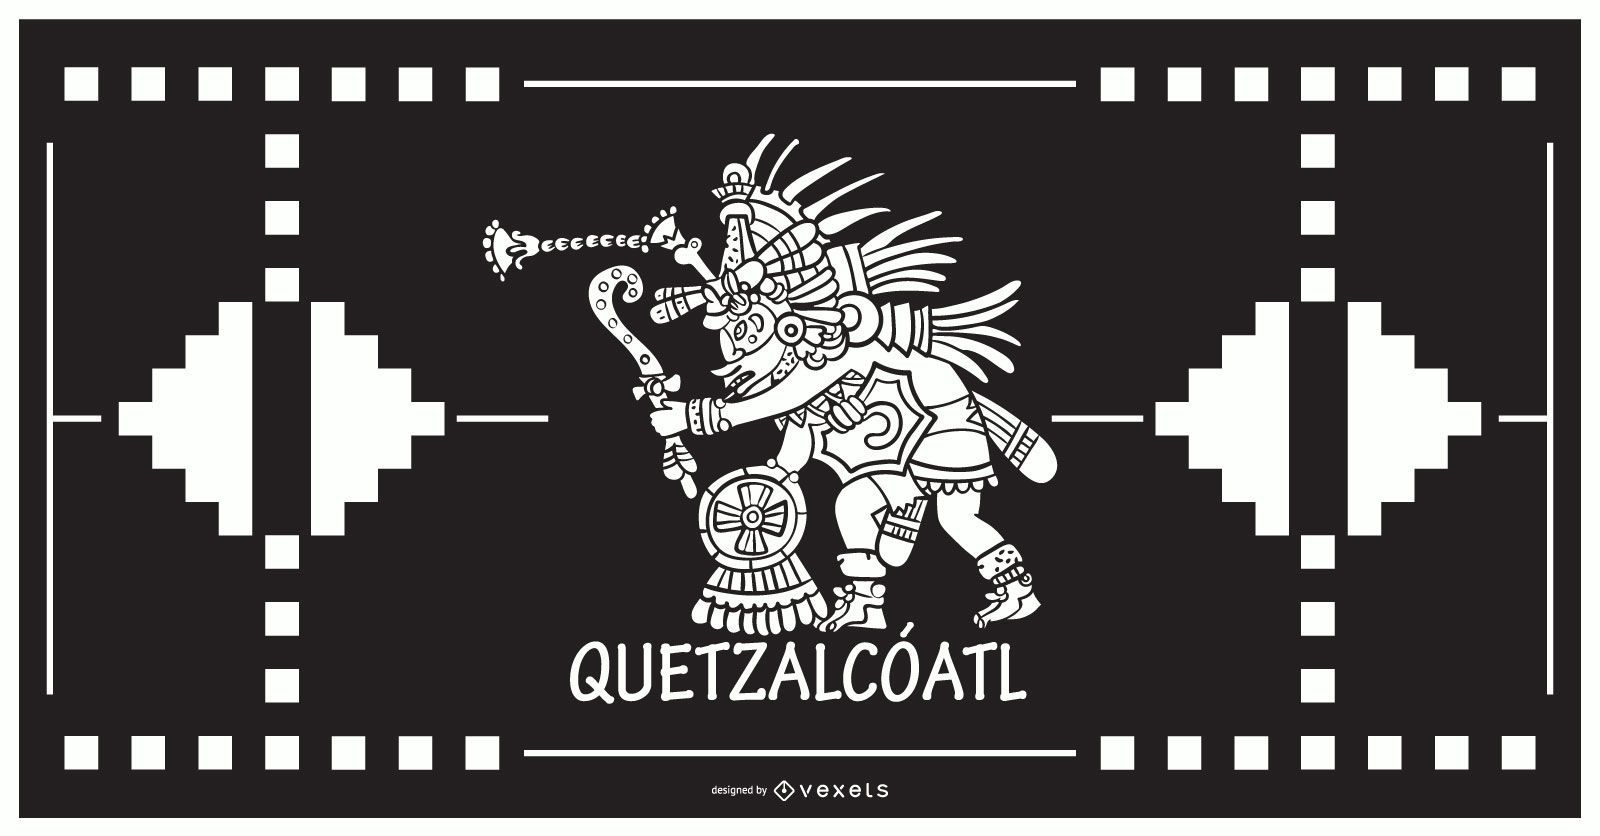 Quetzalcoatl aztec god design